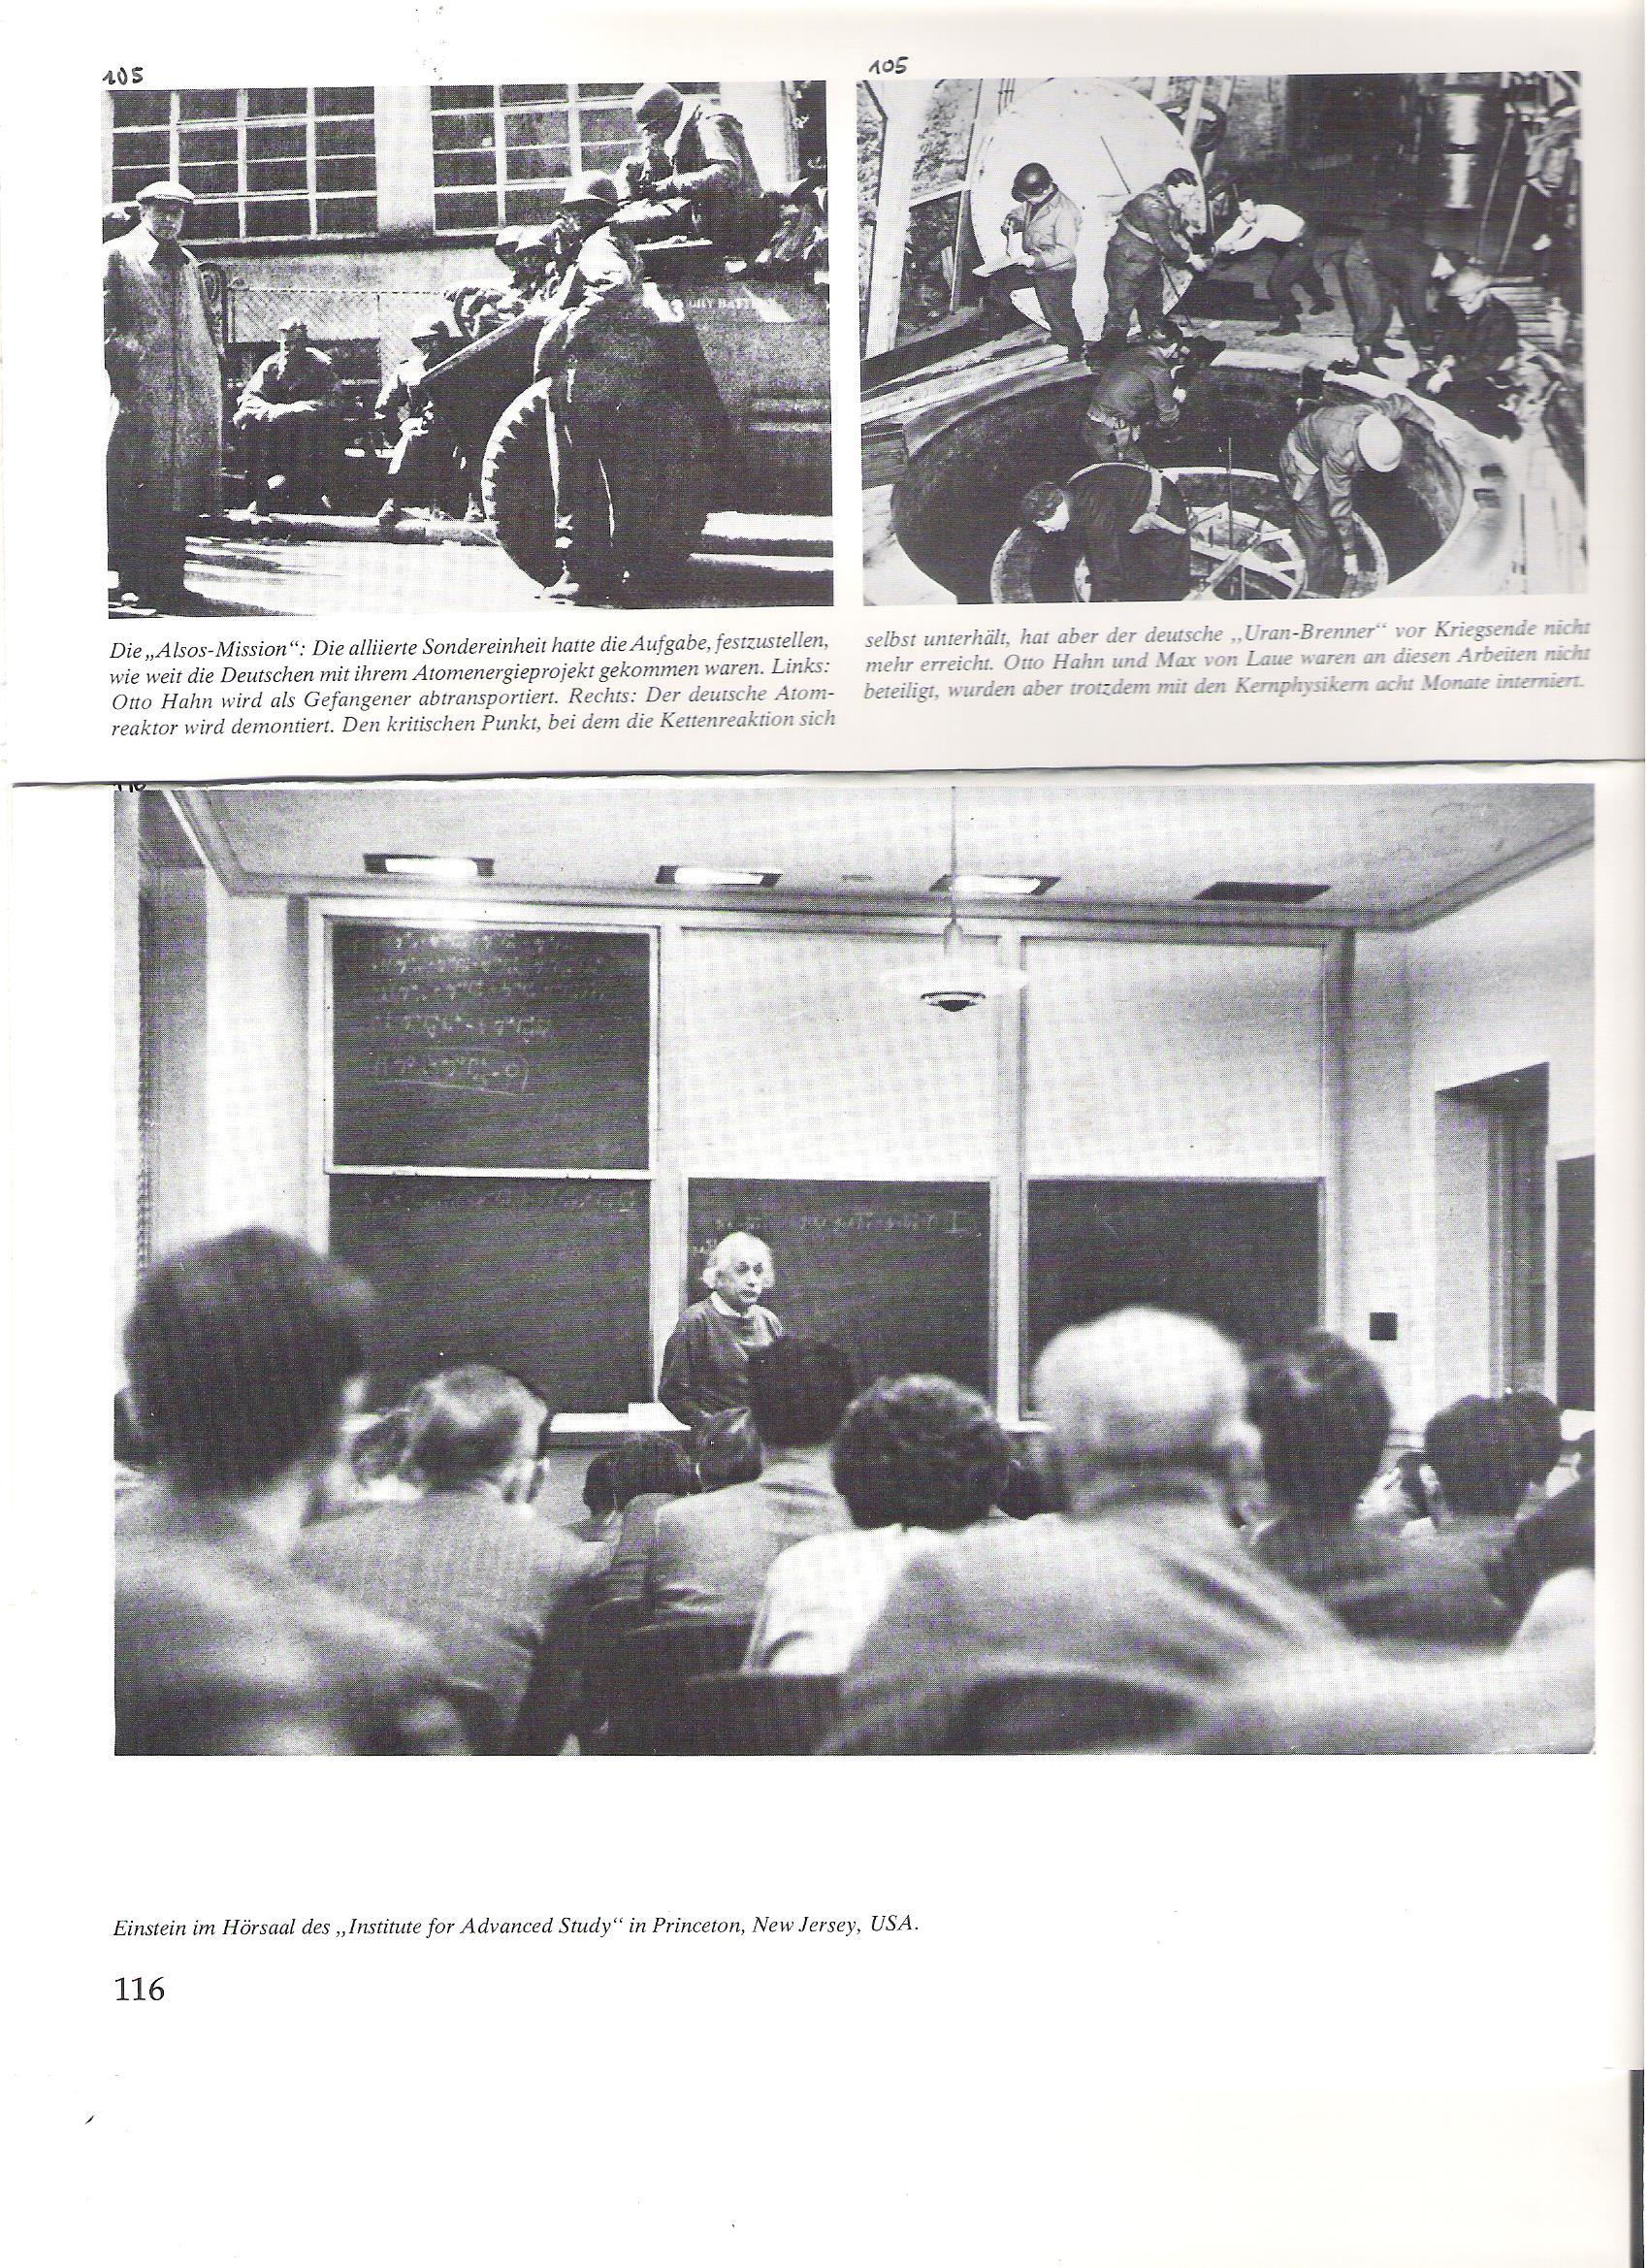 """105<br />Az Alsos-küldetés: a Szövetségesek különleges egysége feladatul kapta, hogy állapítsa meg, mennyire vannak a németek az atomenergia-projektjükkel. Balról: Otto Hahnt, mint foglyot elszállítják.<br /><br />105<br />A német atomreaktort leszerelik. A kritikus pontot, amelynél a láncreakció önmagát fenttartja, a német urán-máglya a háború vége előtt már nem érte el. Otto Hahn és Max von Laue nem vettek részt ezekben a munkálatokban, mégis, a többi atomfizikussal 8 hónapig internálva voltak.<br /><br />116<br />Einstein az """"Institute for Advanced Study"""" előadó termében, Princetonban, New Jersey, USA."""